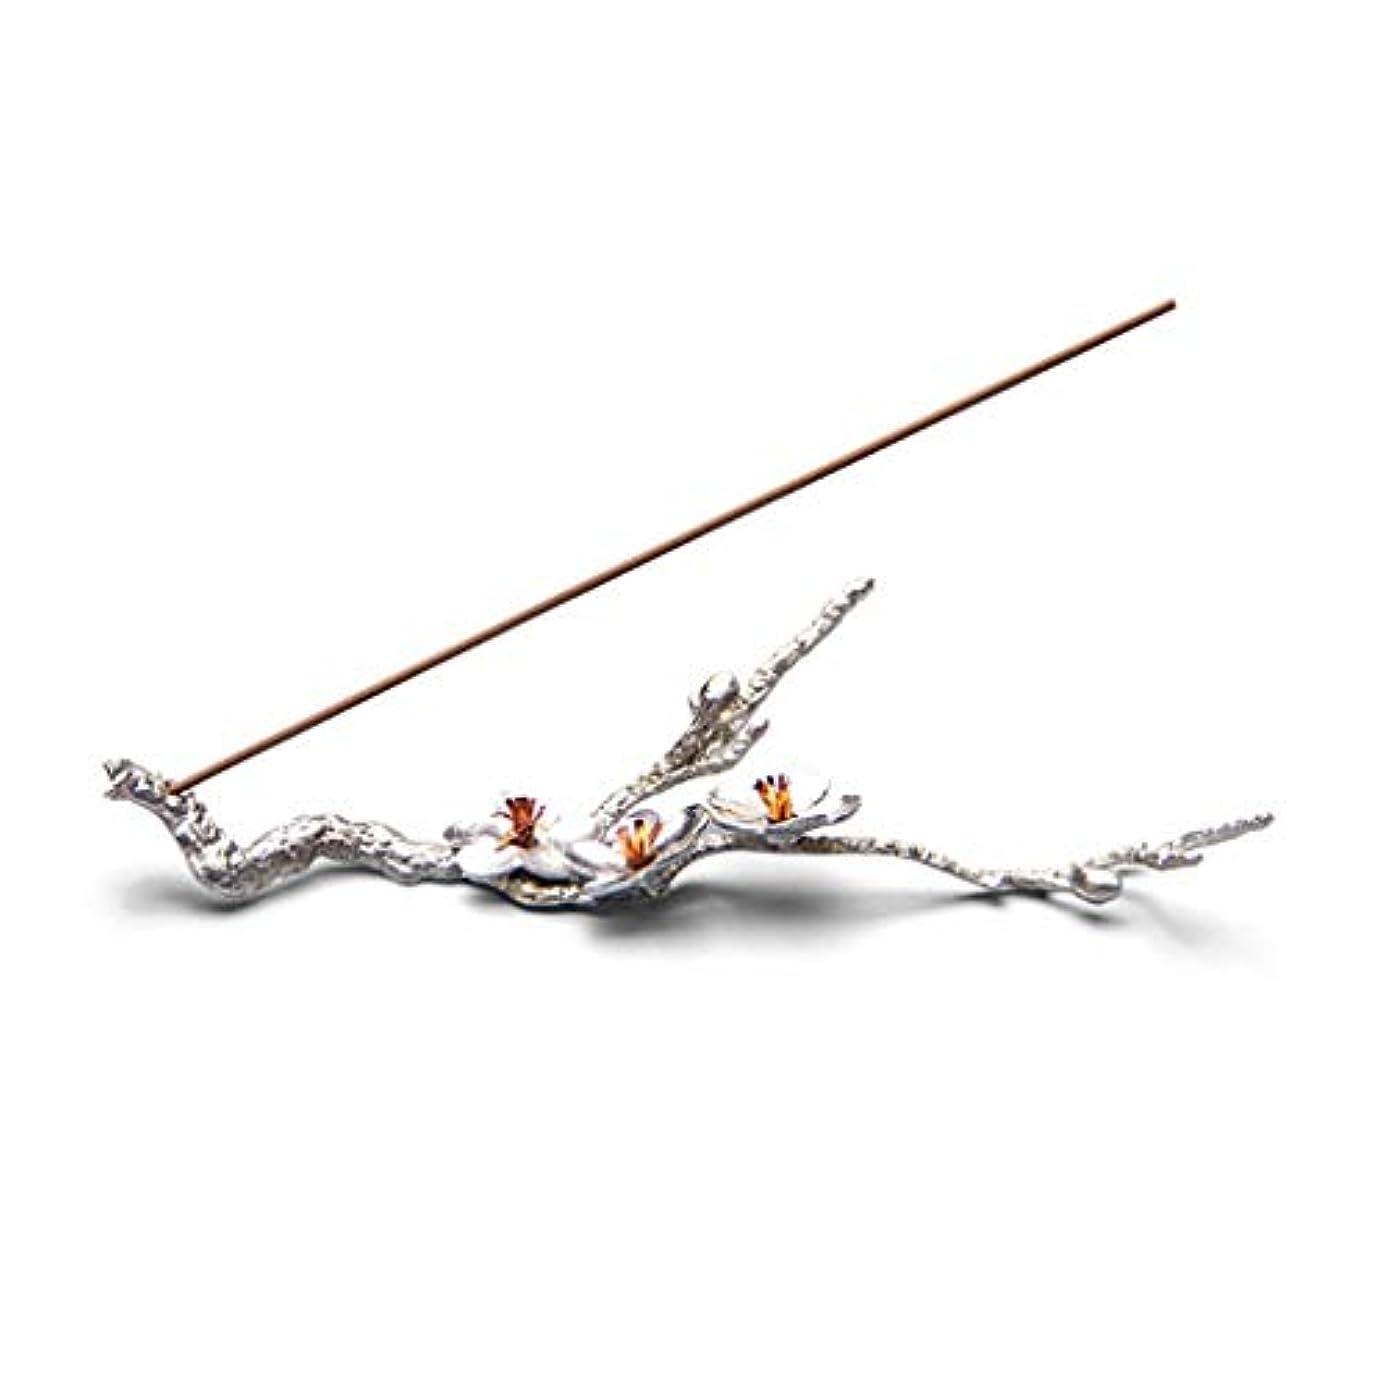 クスクス挨拶するネイティブホームアロマバーナー 純粋なブリキ梅香スティック禅禅香クリエイティブ日本の手作りライン香横になっている香炉 アロマバーナー